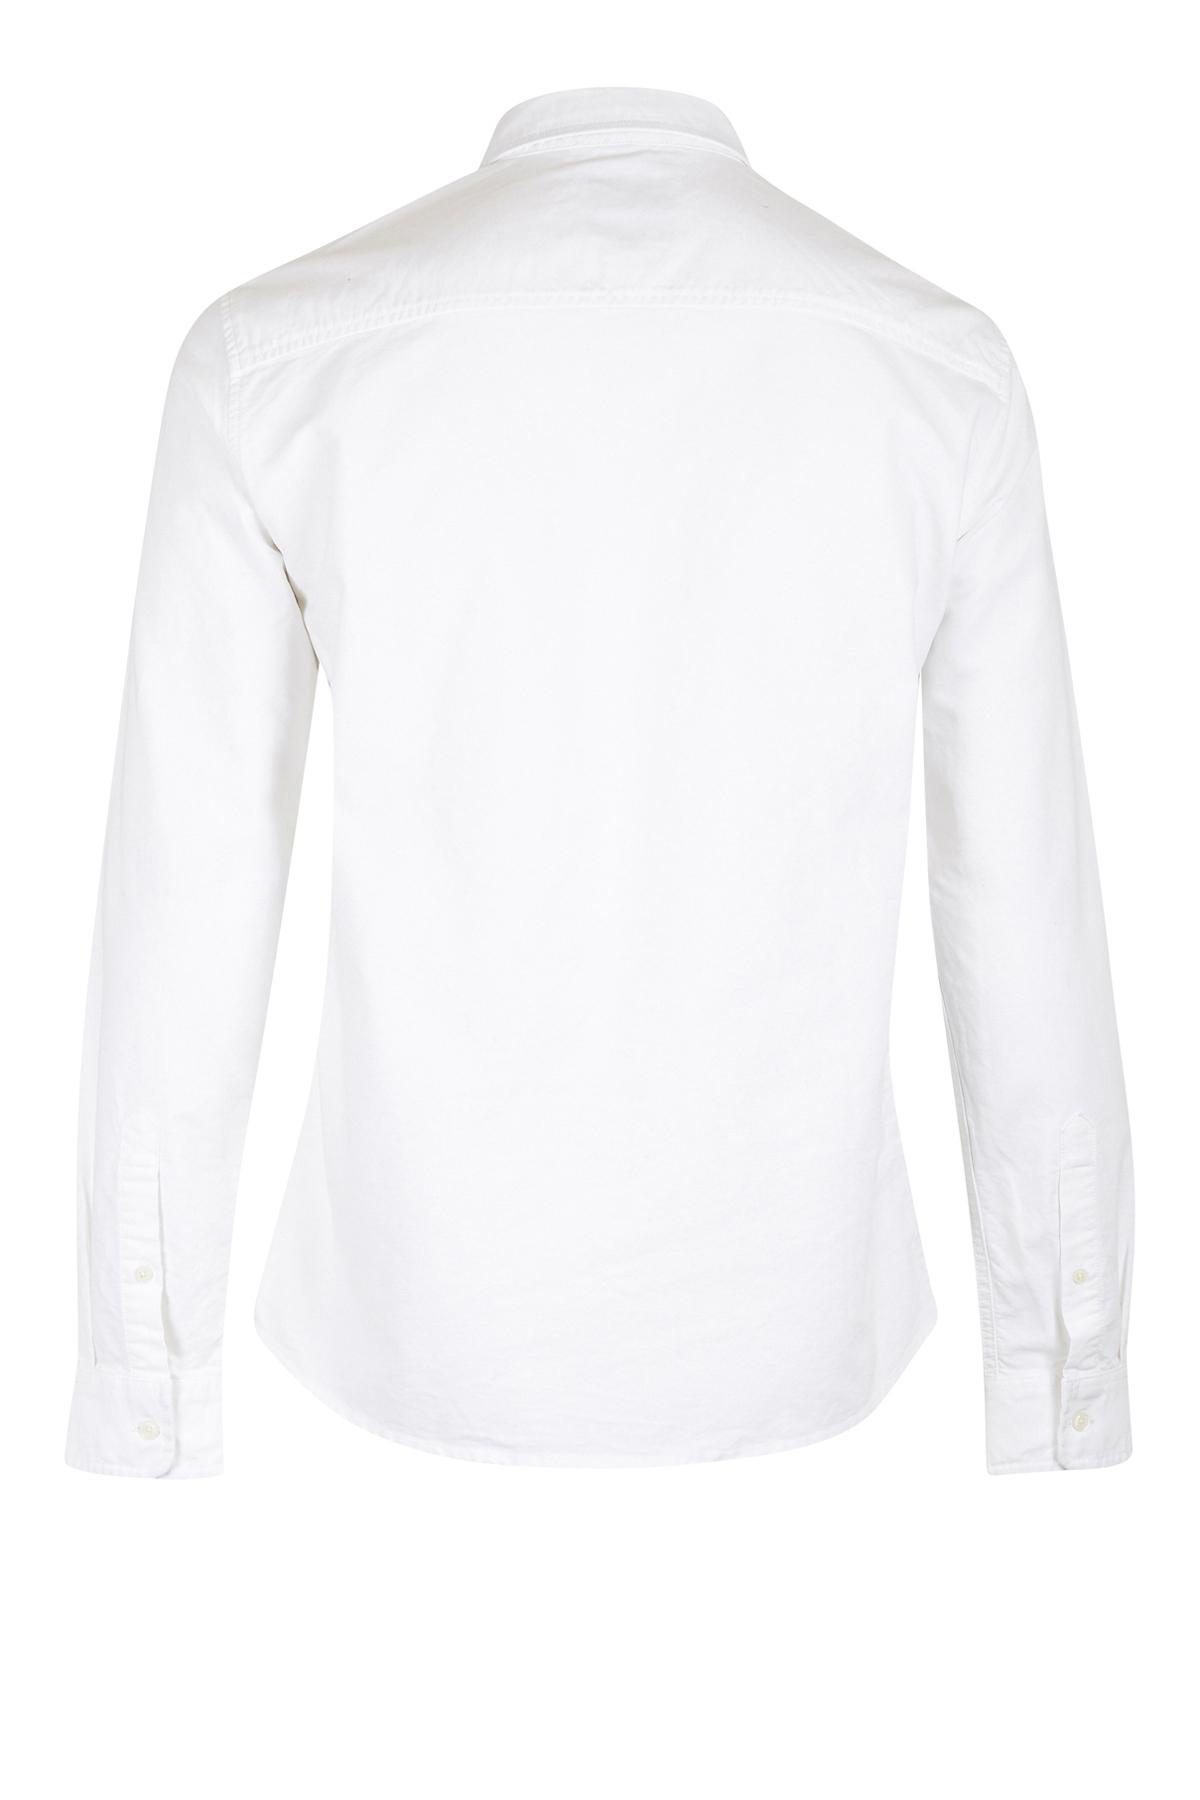 White Langærmet skjorte – Køb White Langærmet skjorte fra str. S-XXXL her